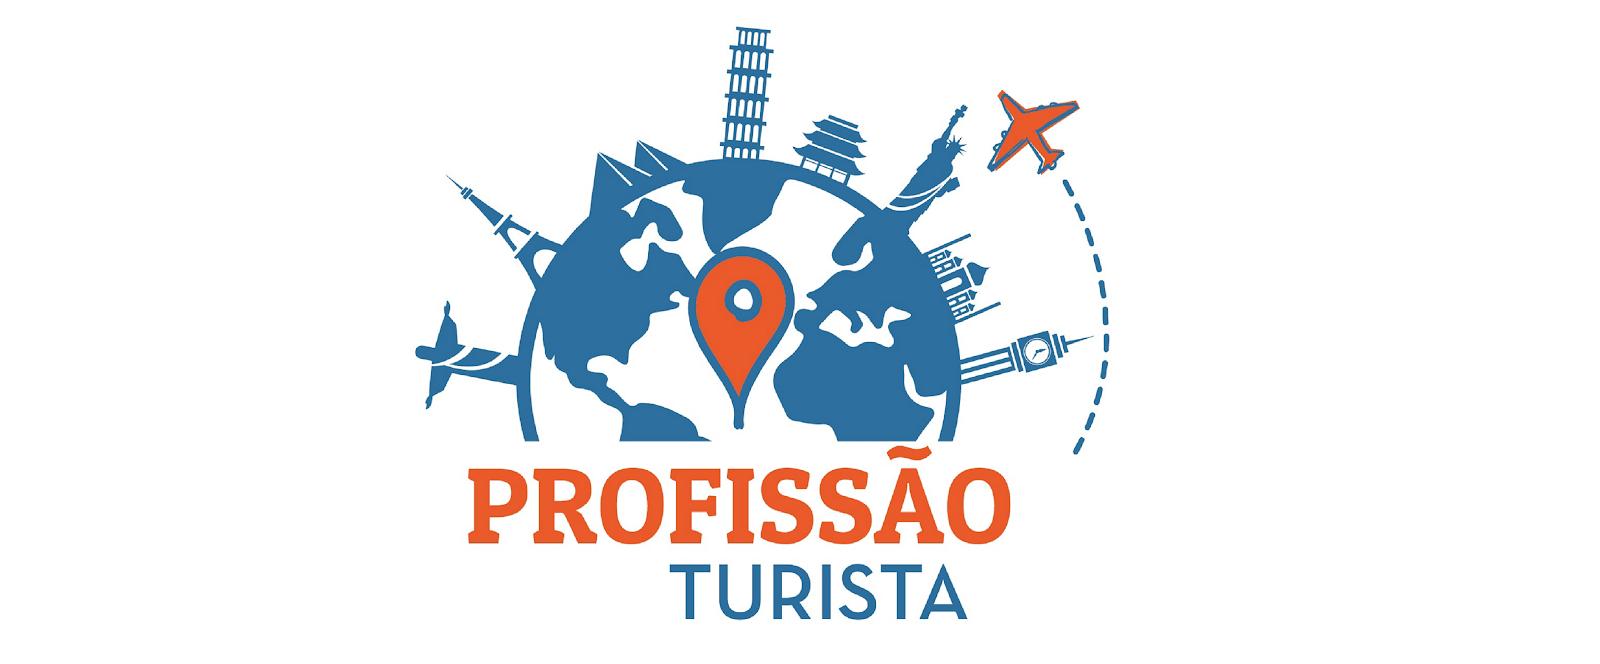 Profissão Turista